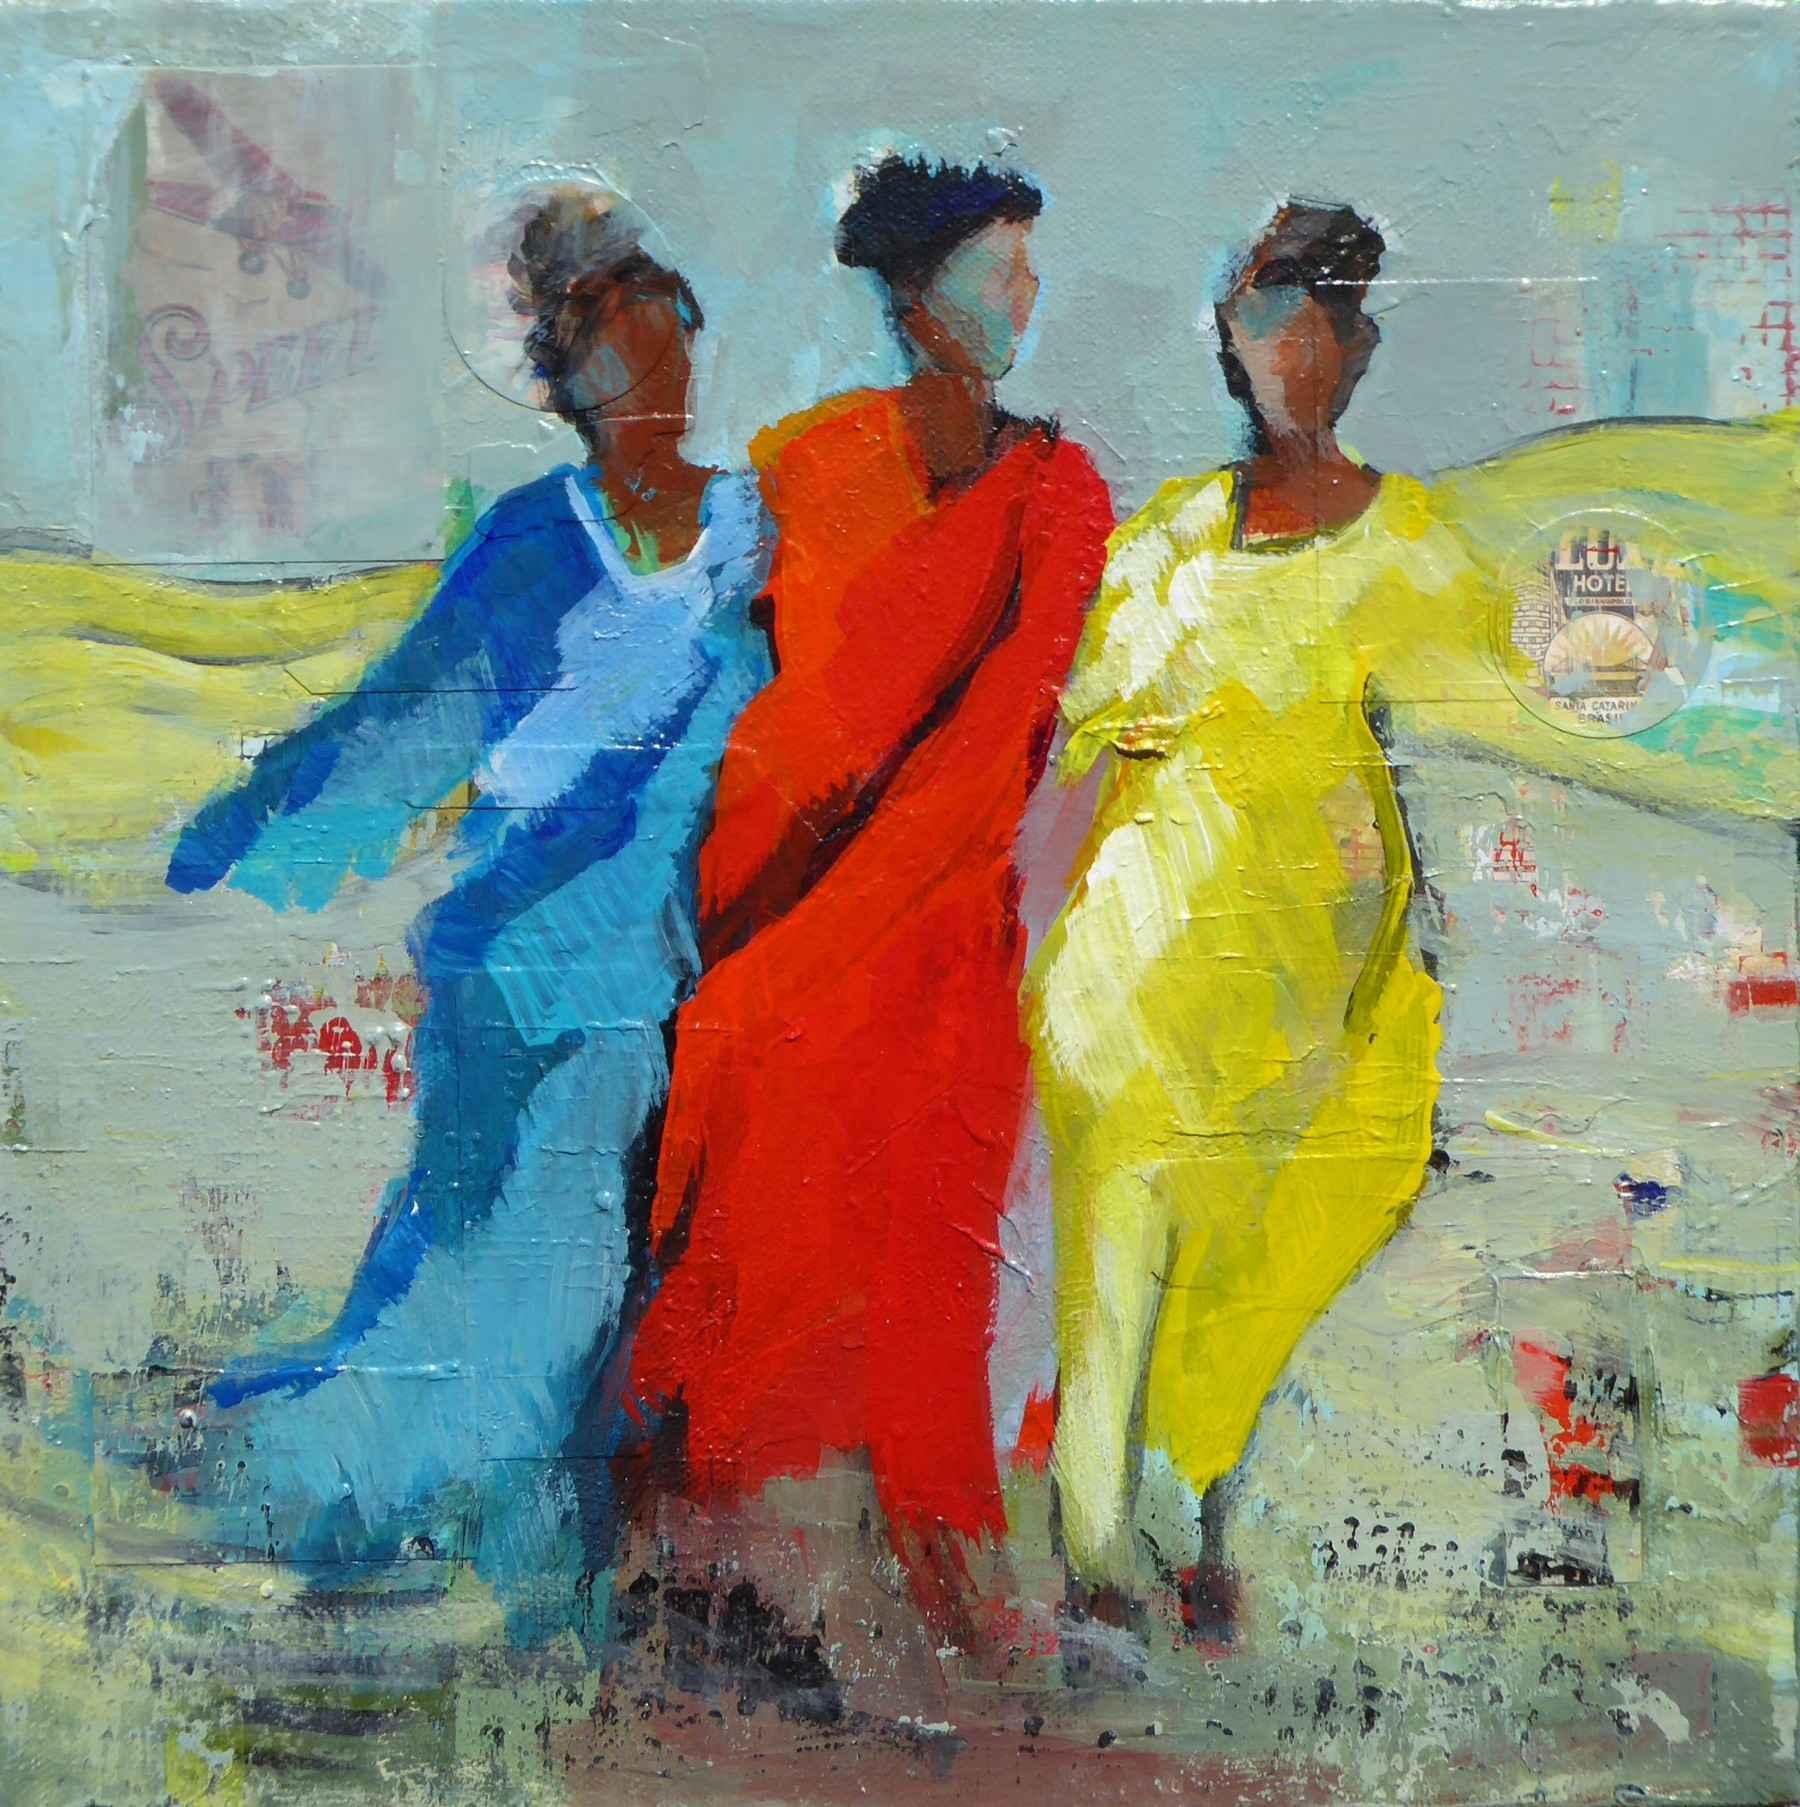 Road Trip by  Cheryl Waale - Masterpiece Online